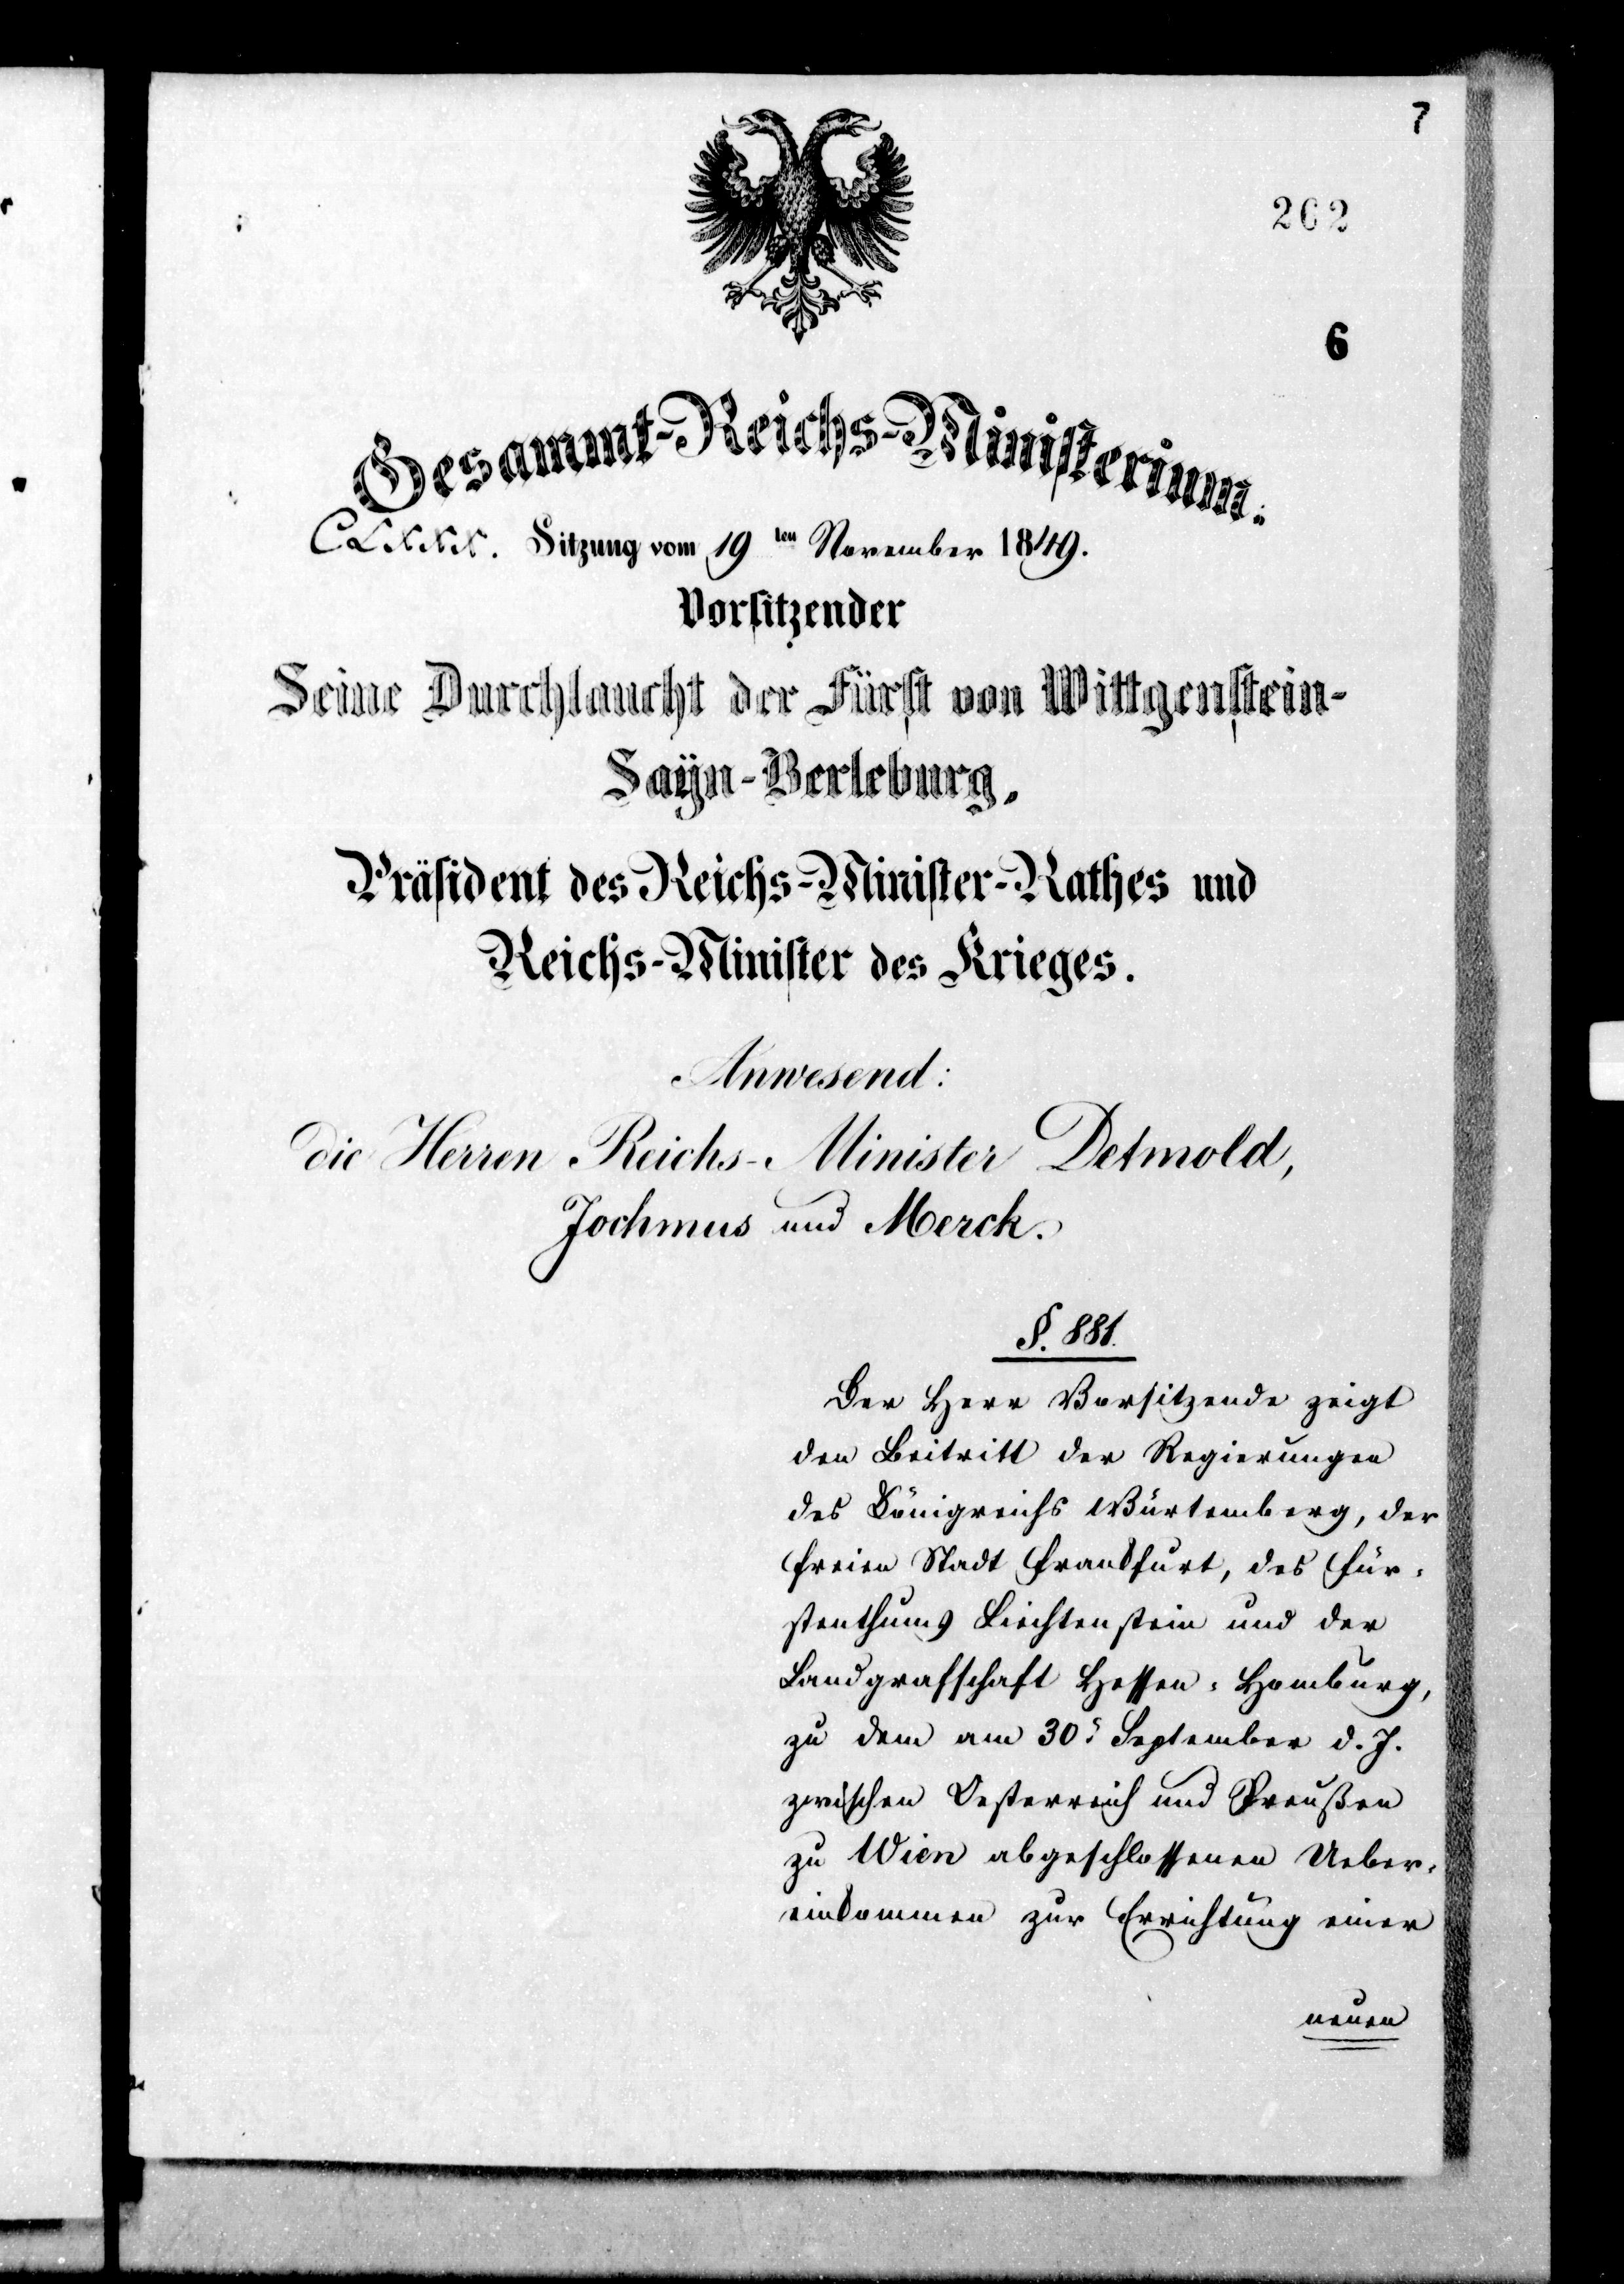 Procès-verbal de la 180e séance du Conseil des Ministres du Pouvoir central provisoire, 19 novembre 1849 (Bundesarchiv Berlin)